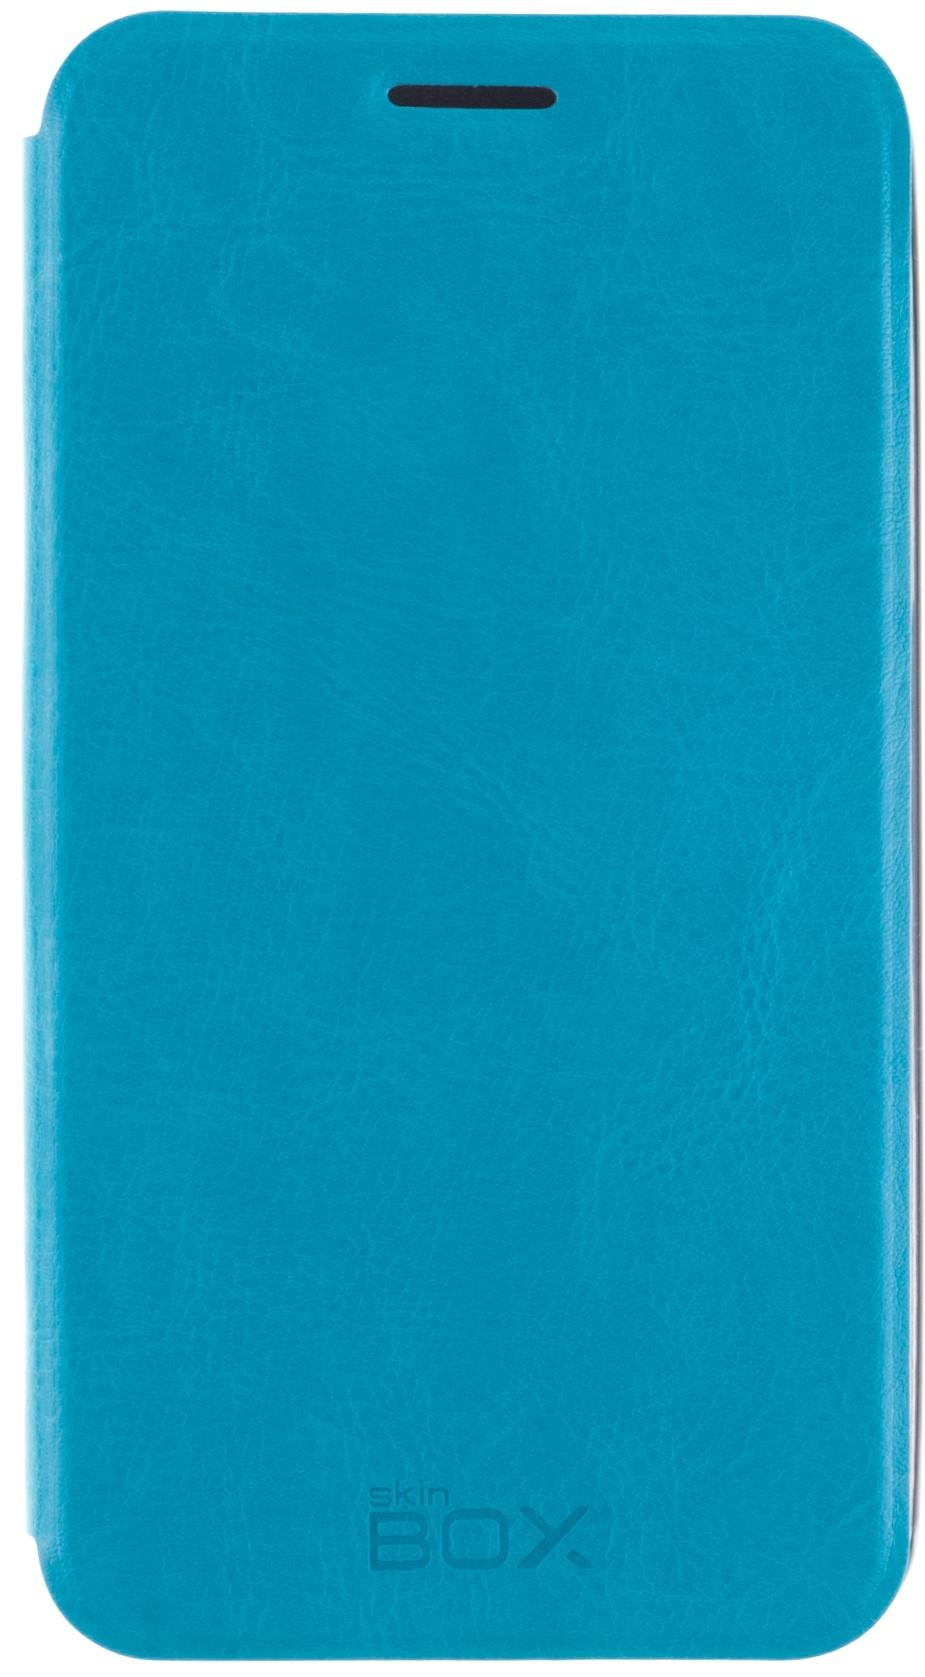 Чехол для сотового телефона skinBOX Lux, 4630042526983, синий